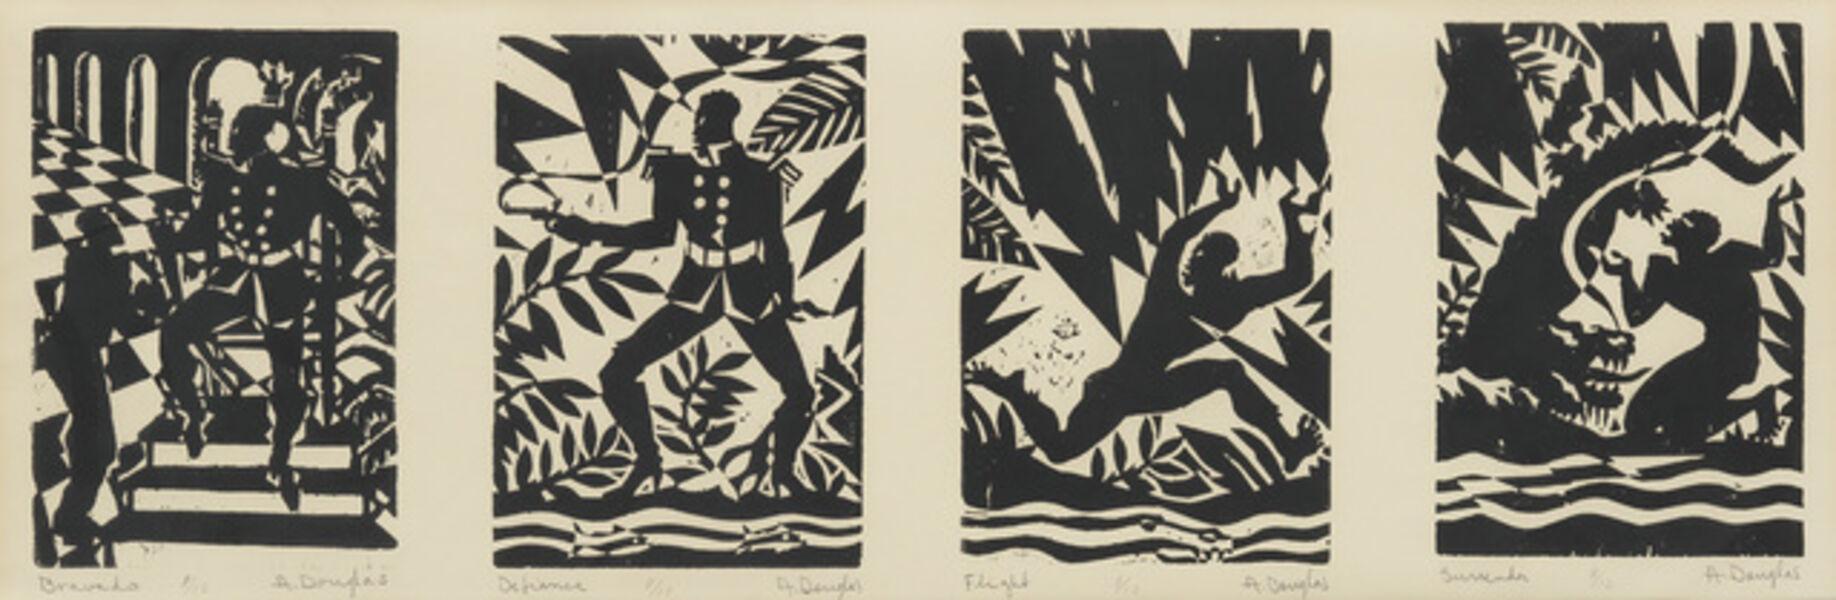 Aaron Douglas, 'Emperor Jones.', 1926